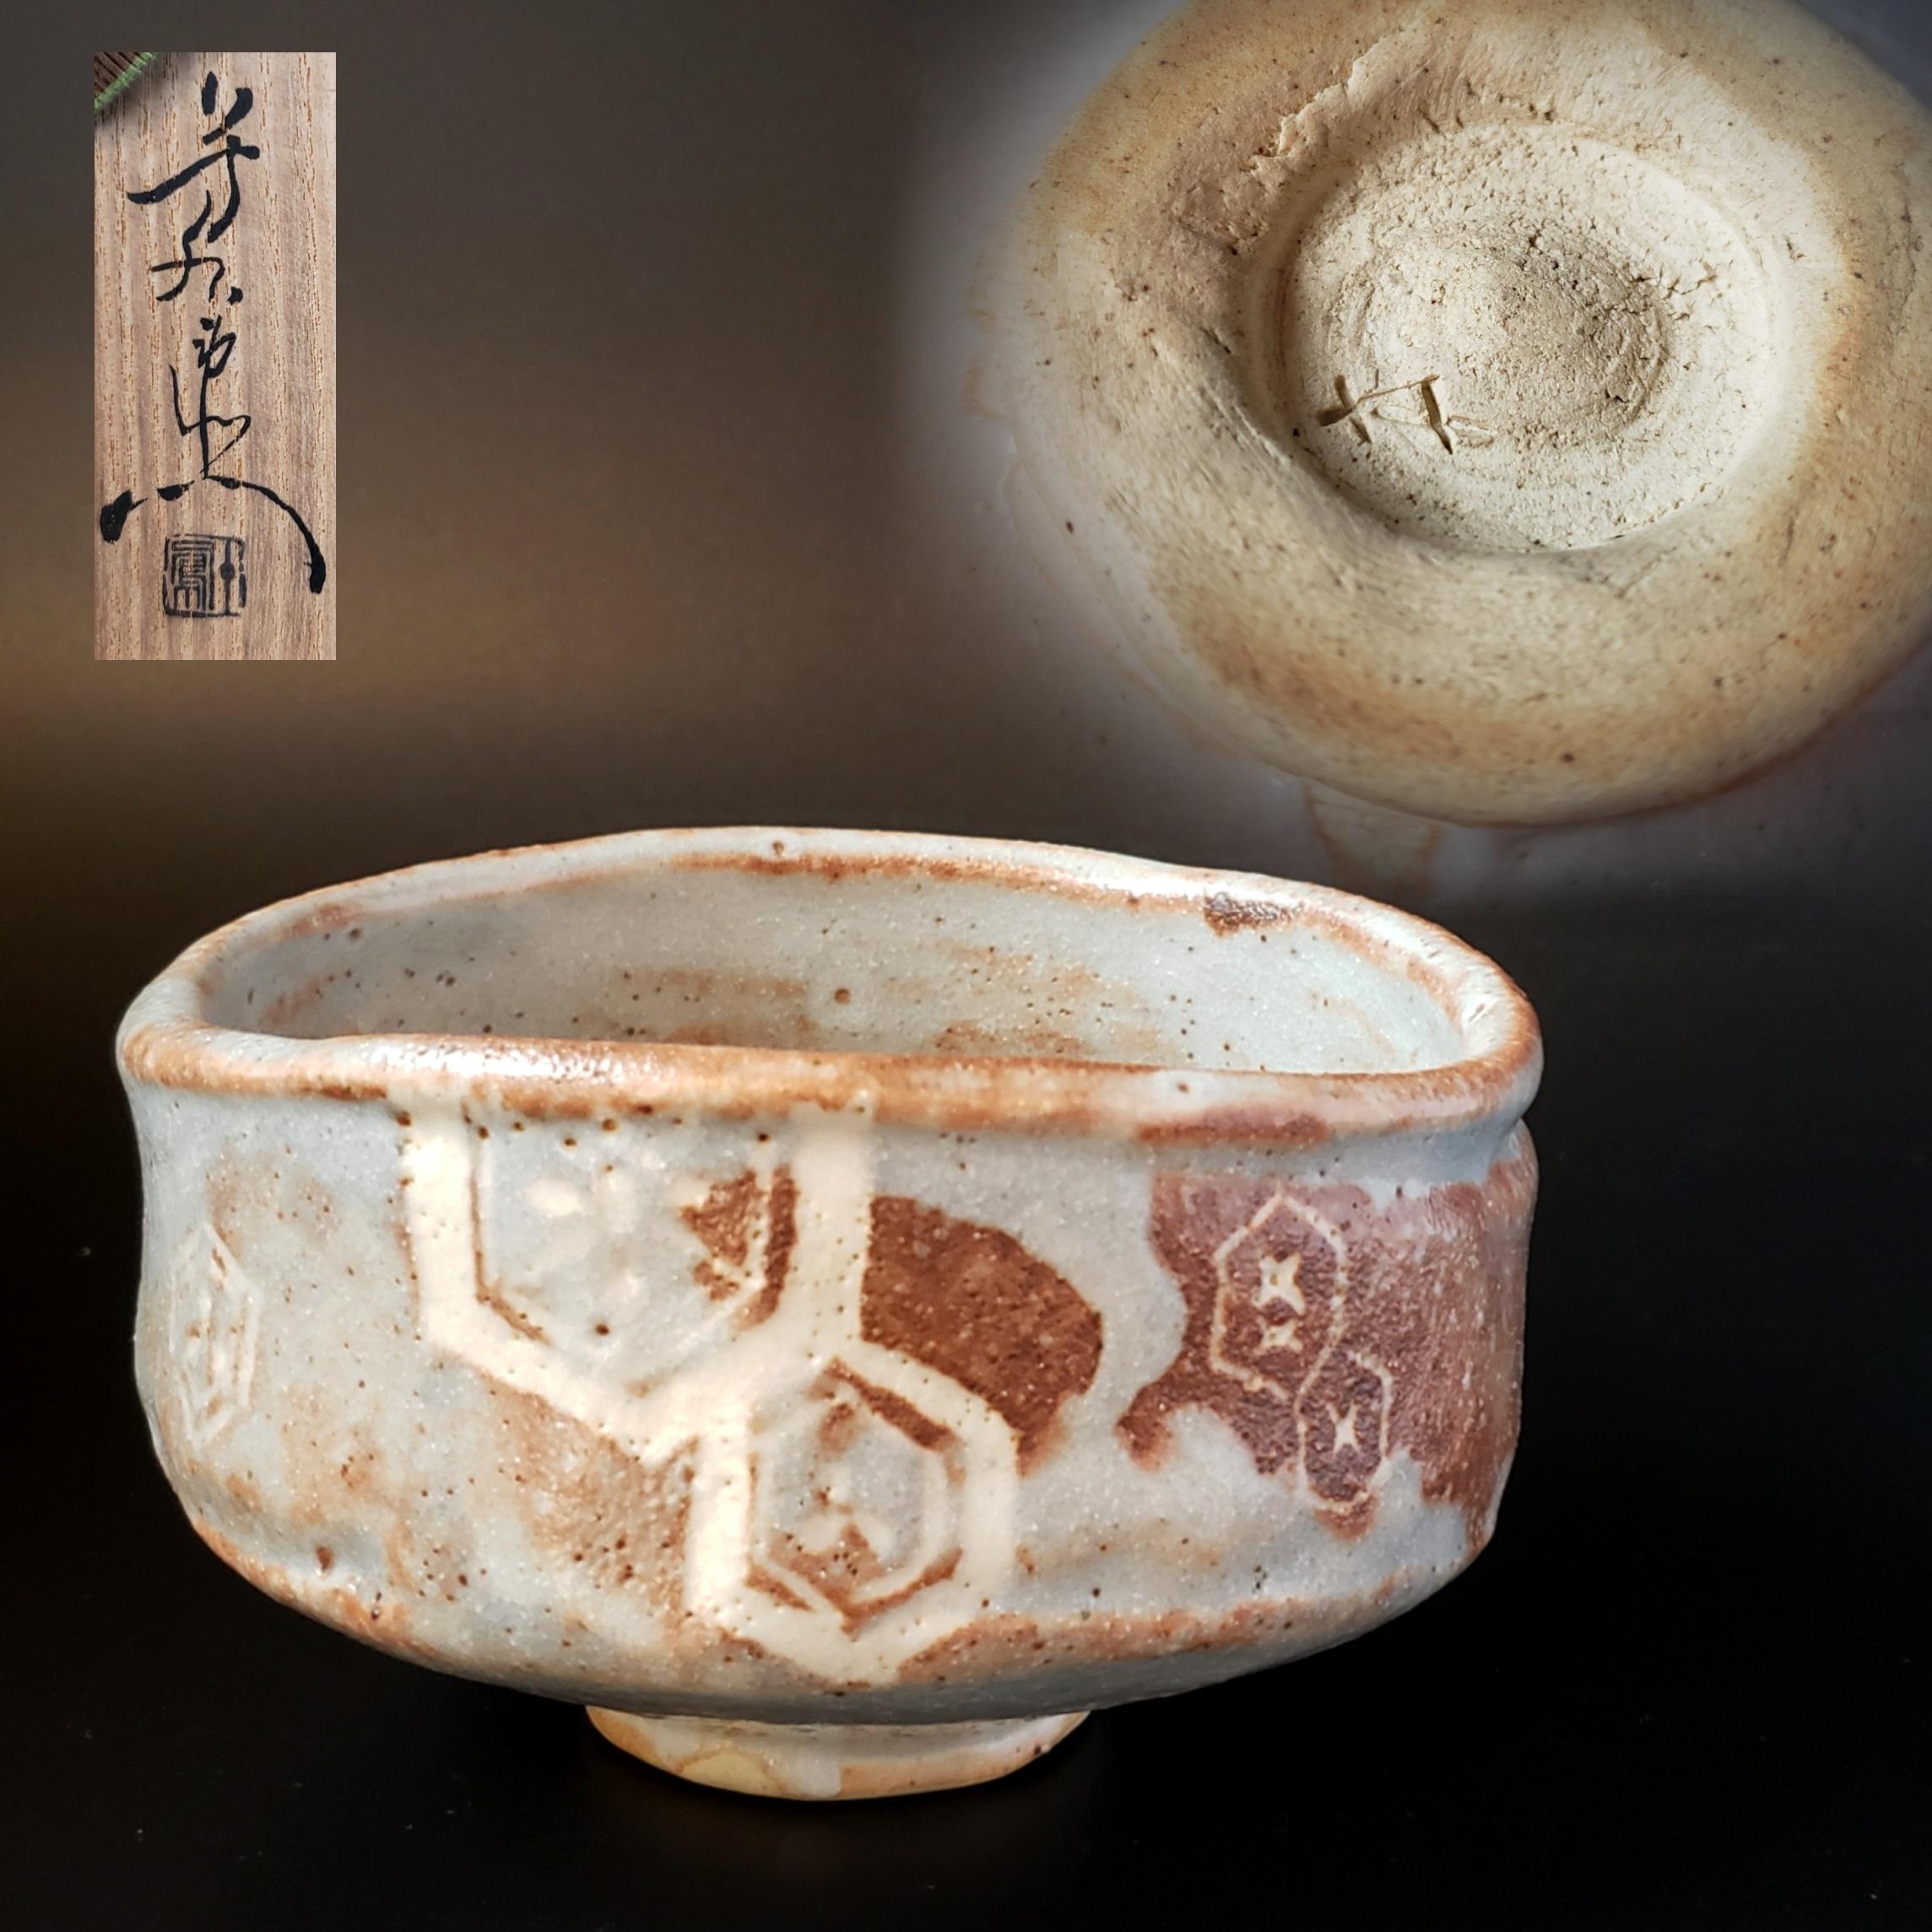 茶道具 鼠志野 茶碗 美濃焼 加藤芳右衛門 共箱 陶芸 出物 茶会 中古